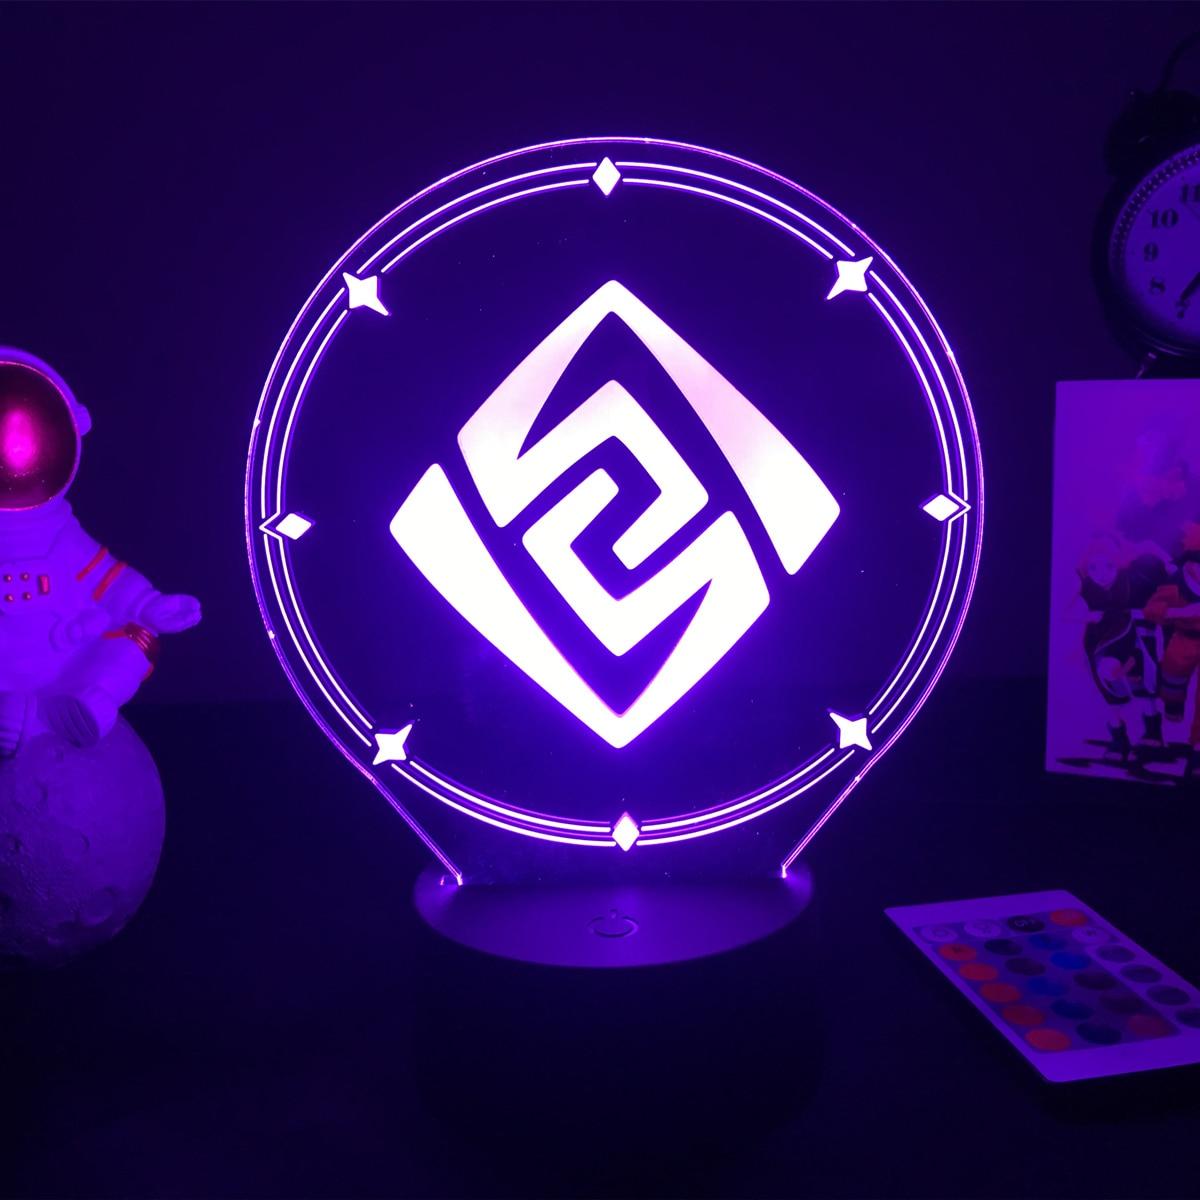 Genshin-figura de jogo de impacto, luminária para